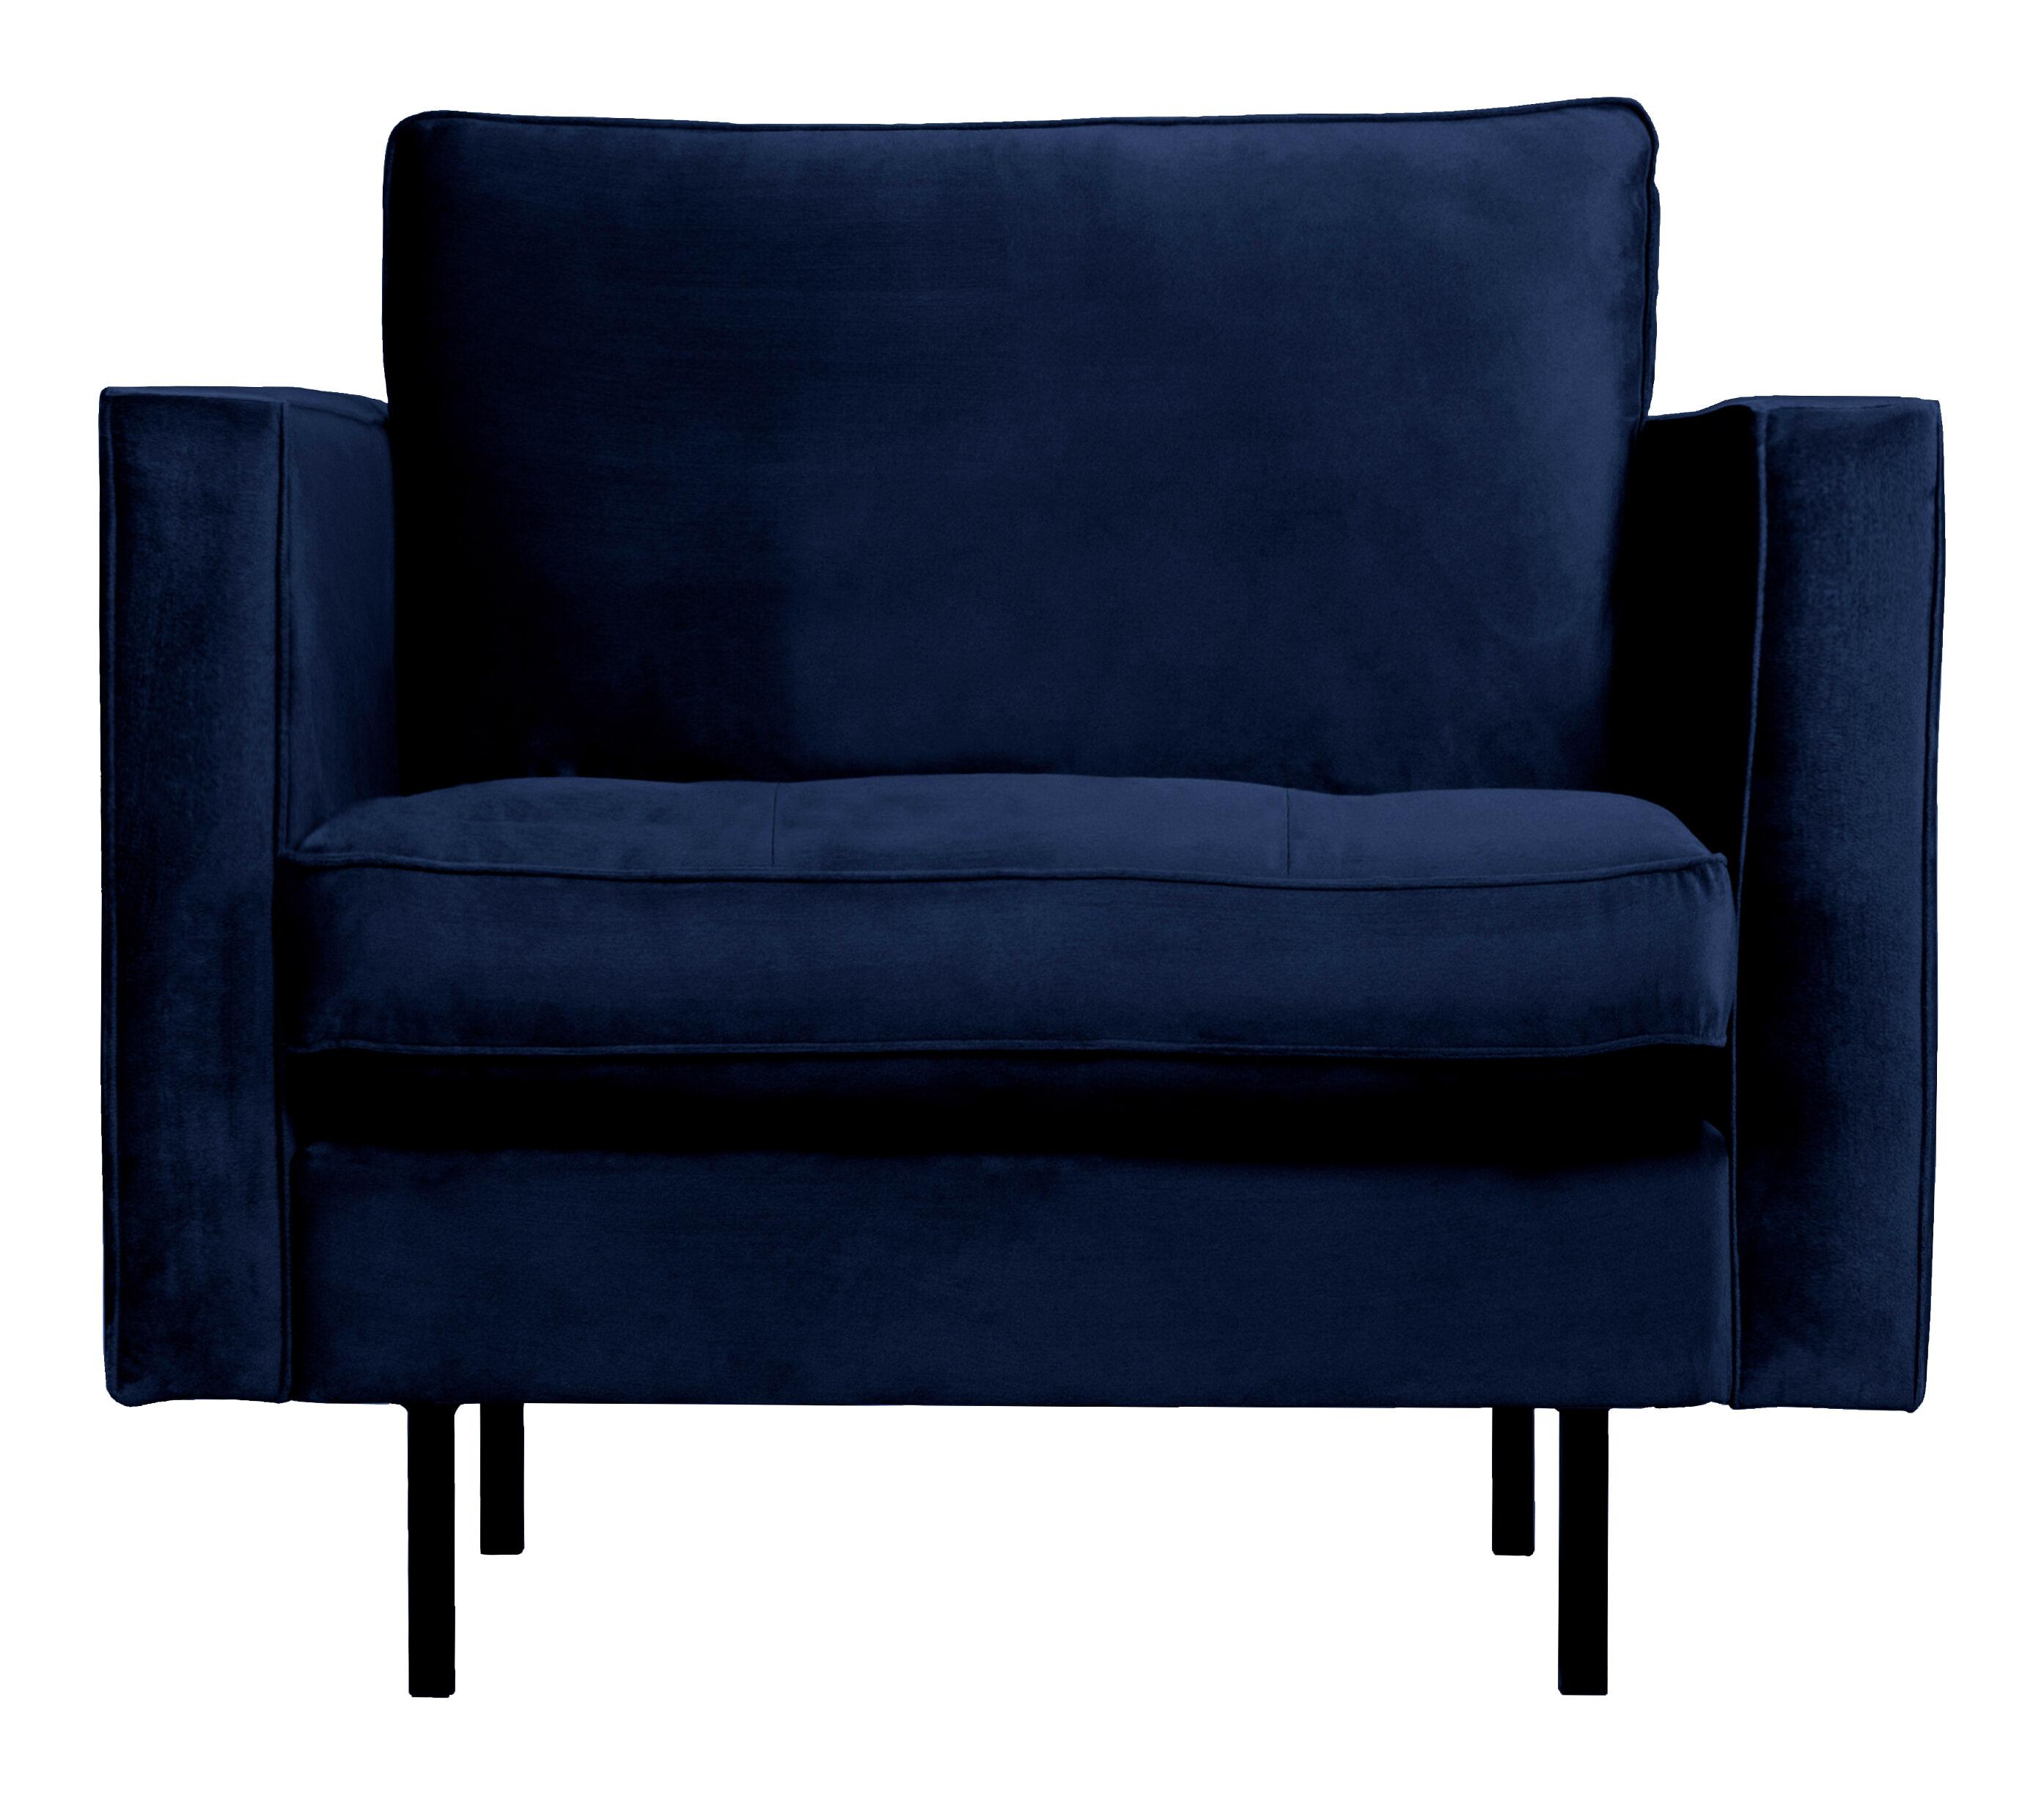 BePureHome Fauteuil 'Rodeo' Velvet, kleur Dark Blue